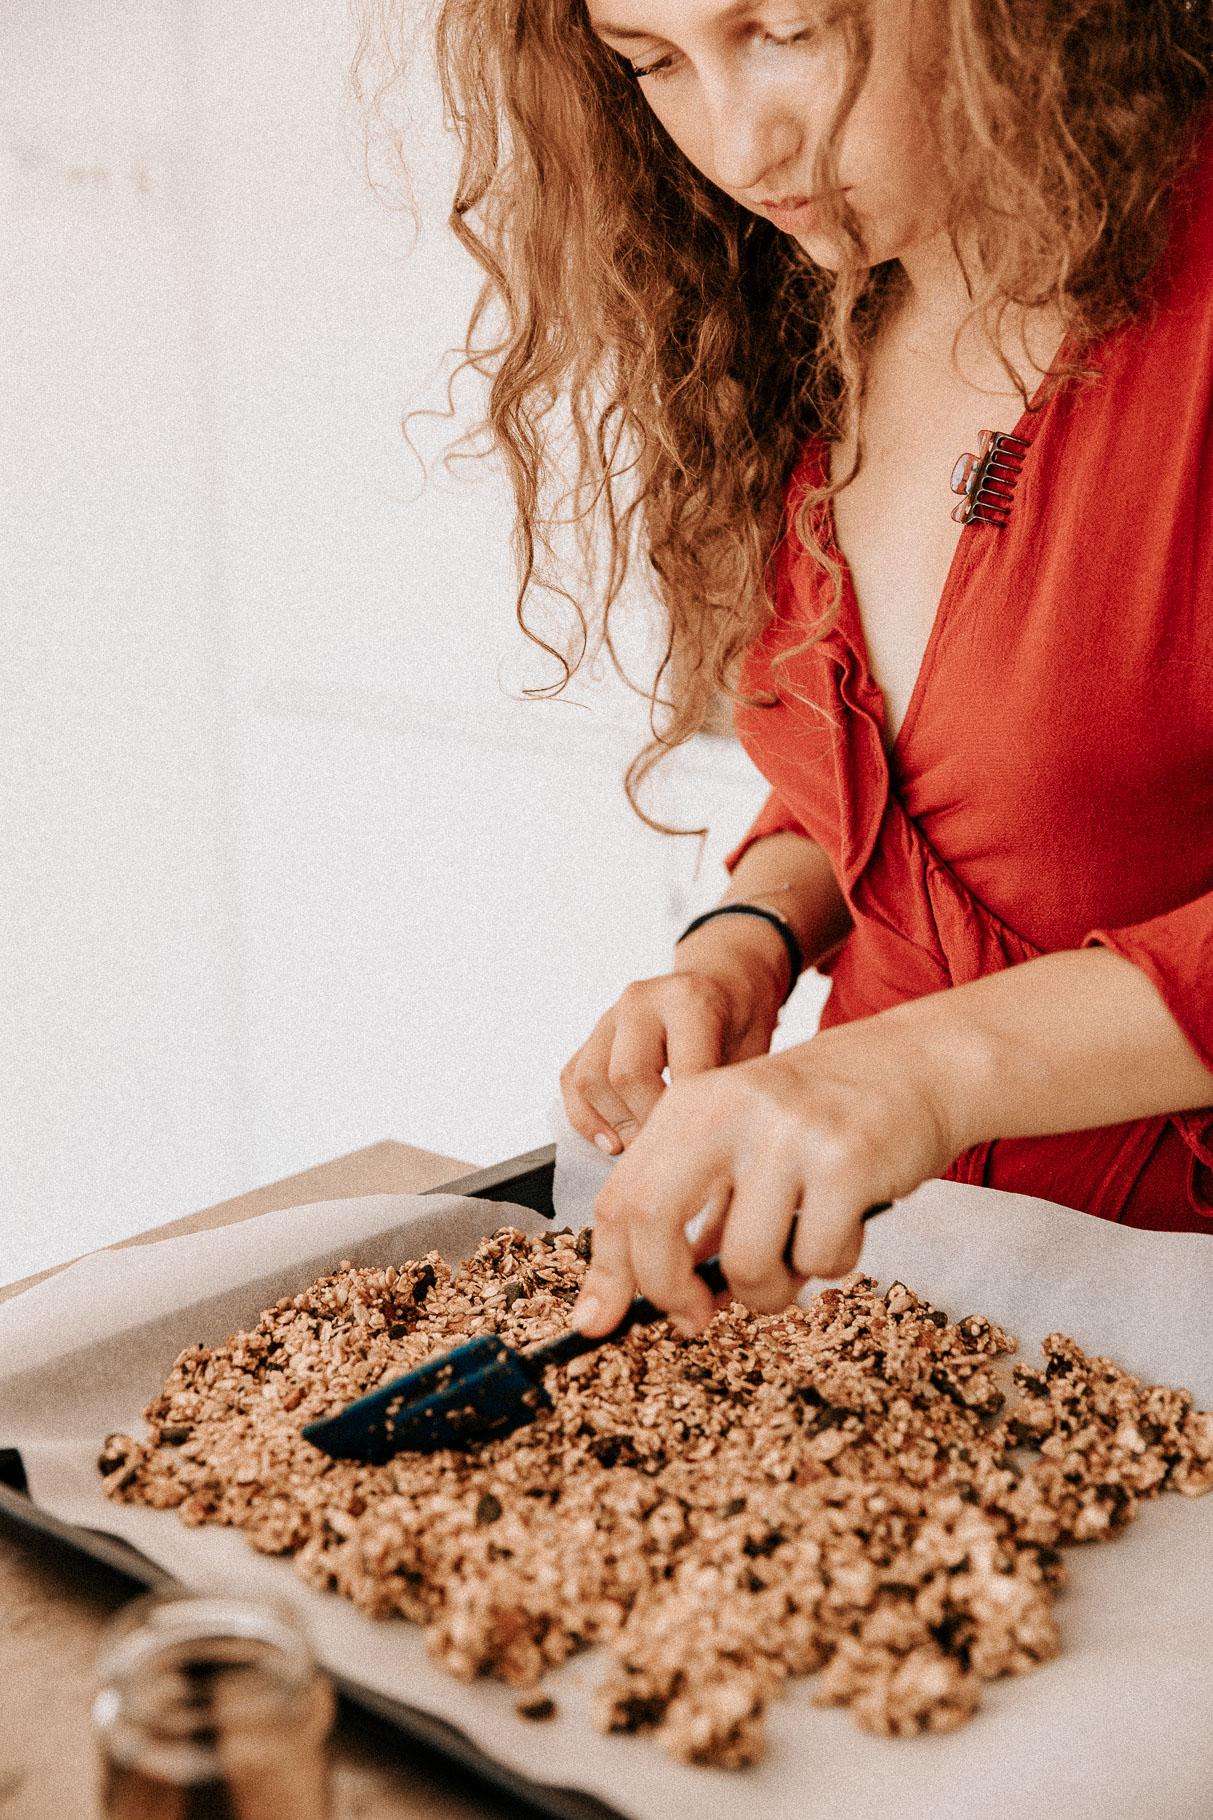 marxosommer, marxo sommer, hanna gassner, annalaurakummer, simplestoryteller, vegan, rezept, pumpkin spice granola